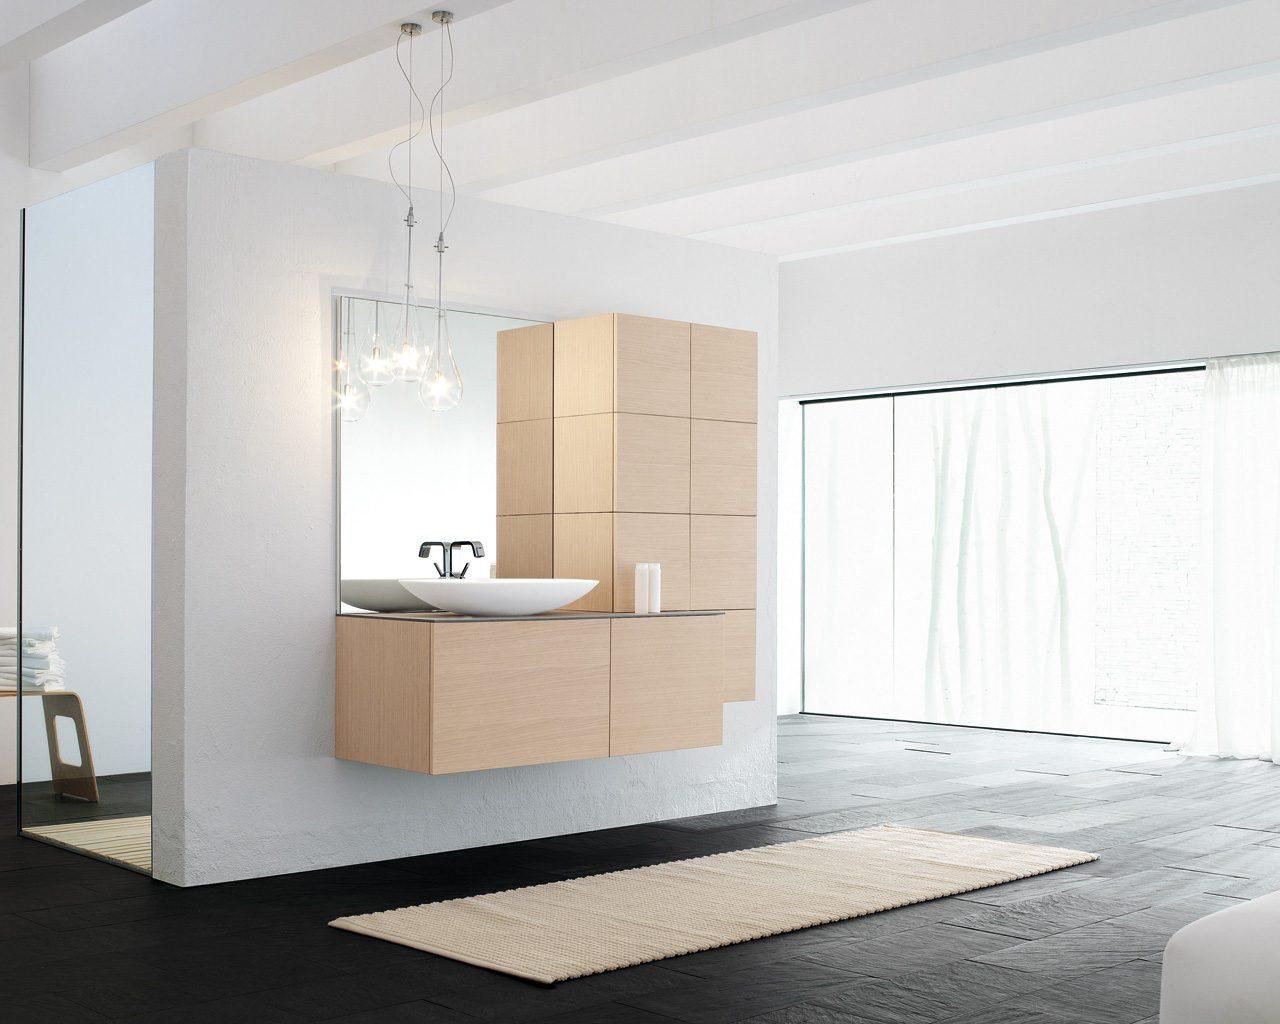 Cuartos de ba o minimalistas - Cuartos de bany ...